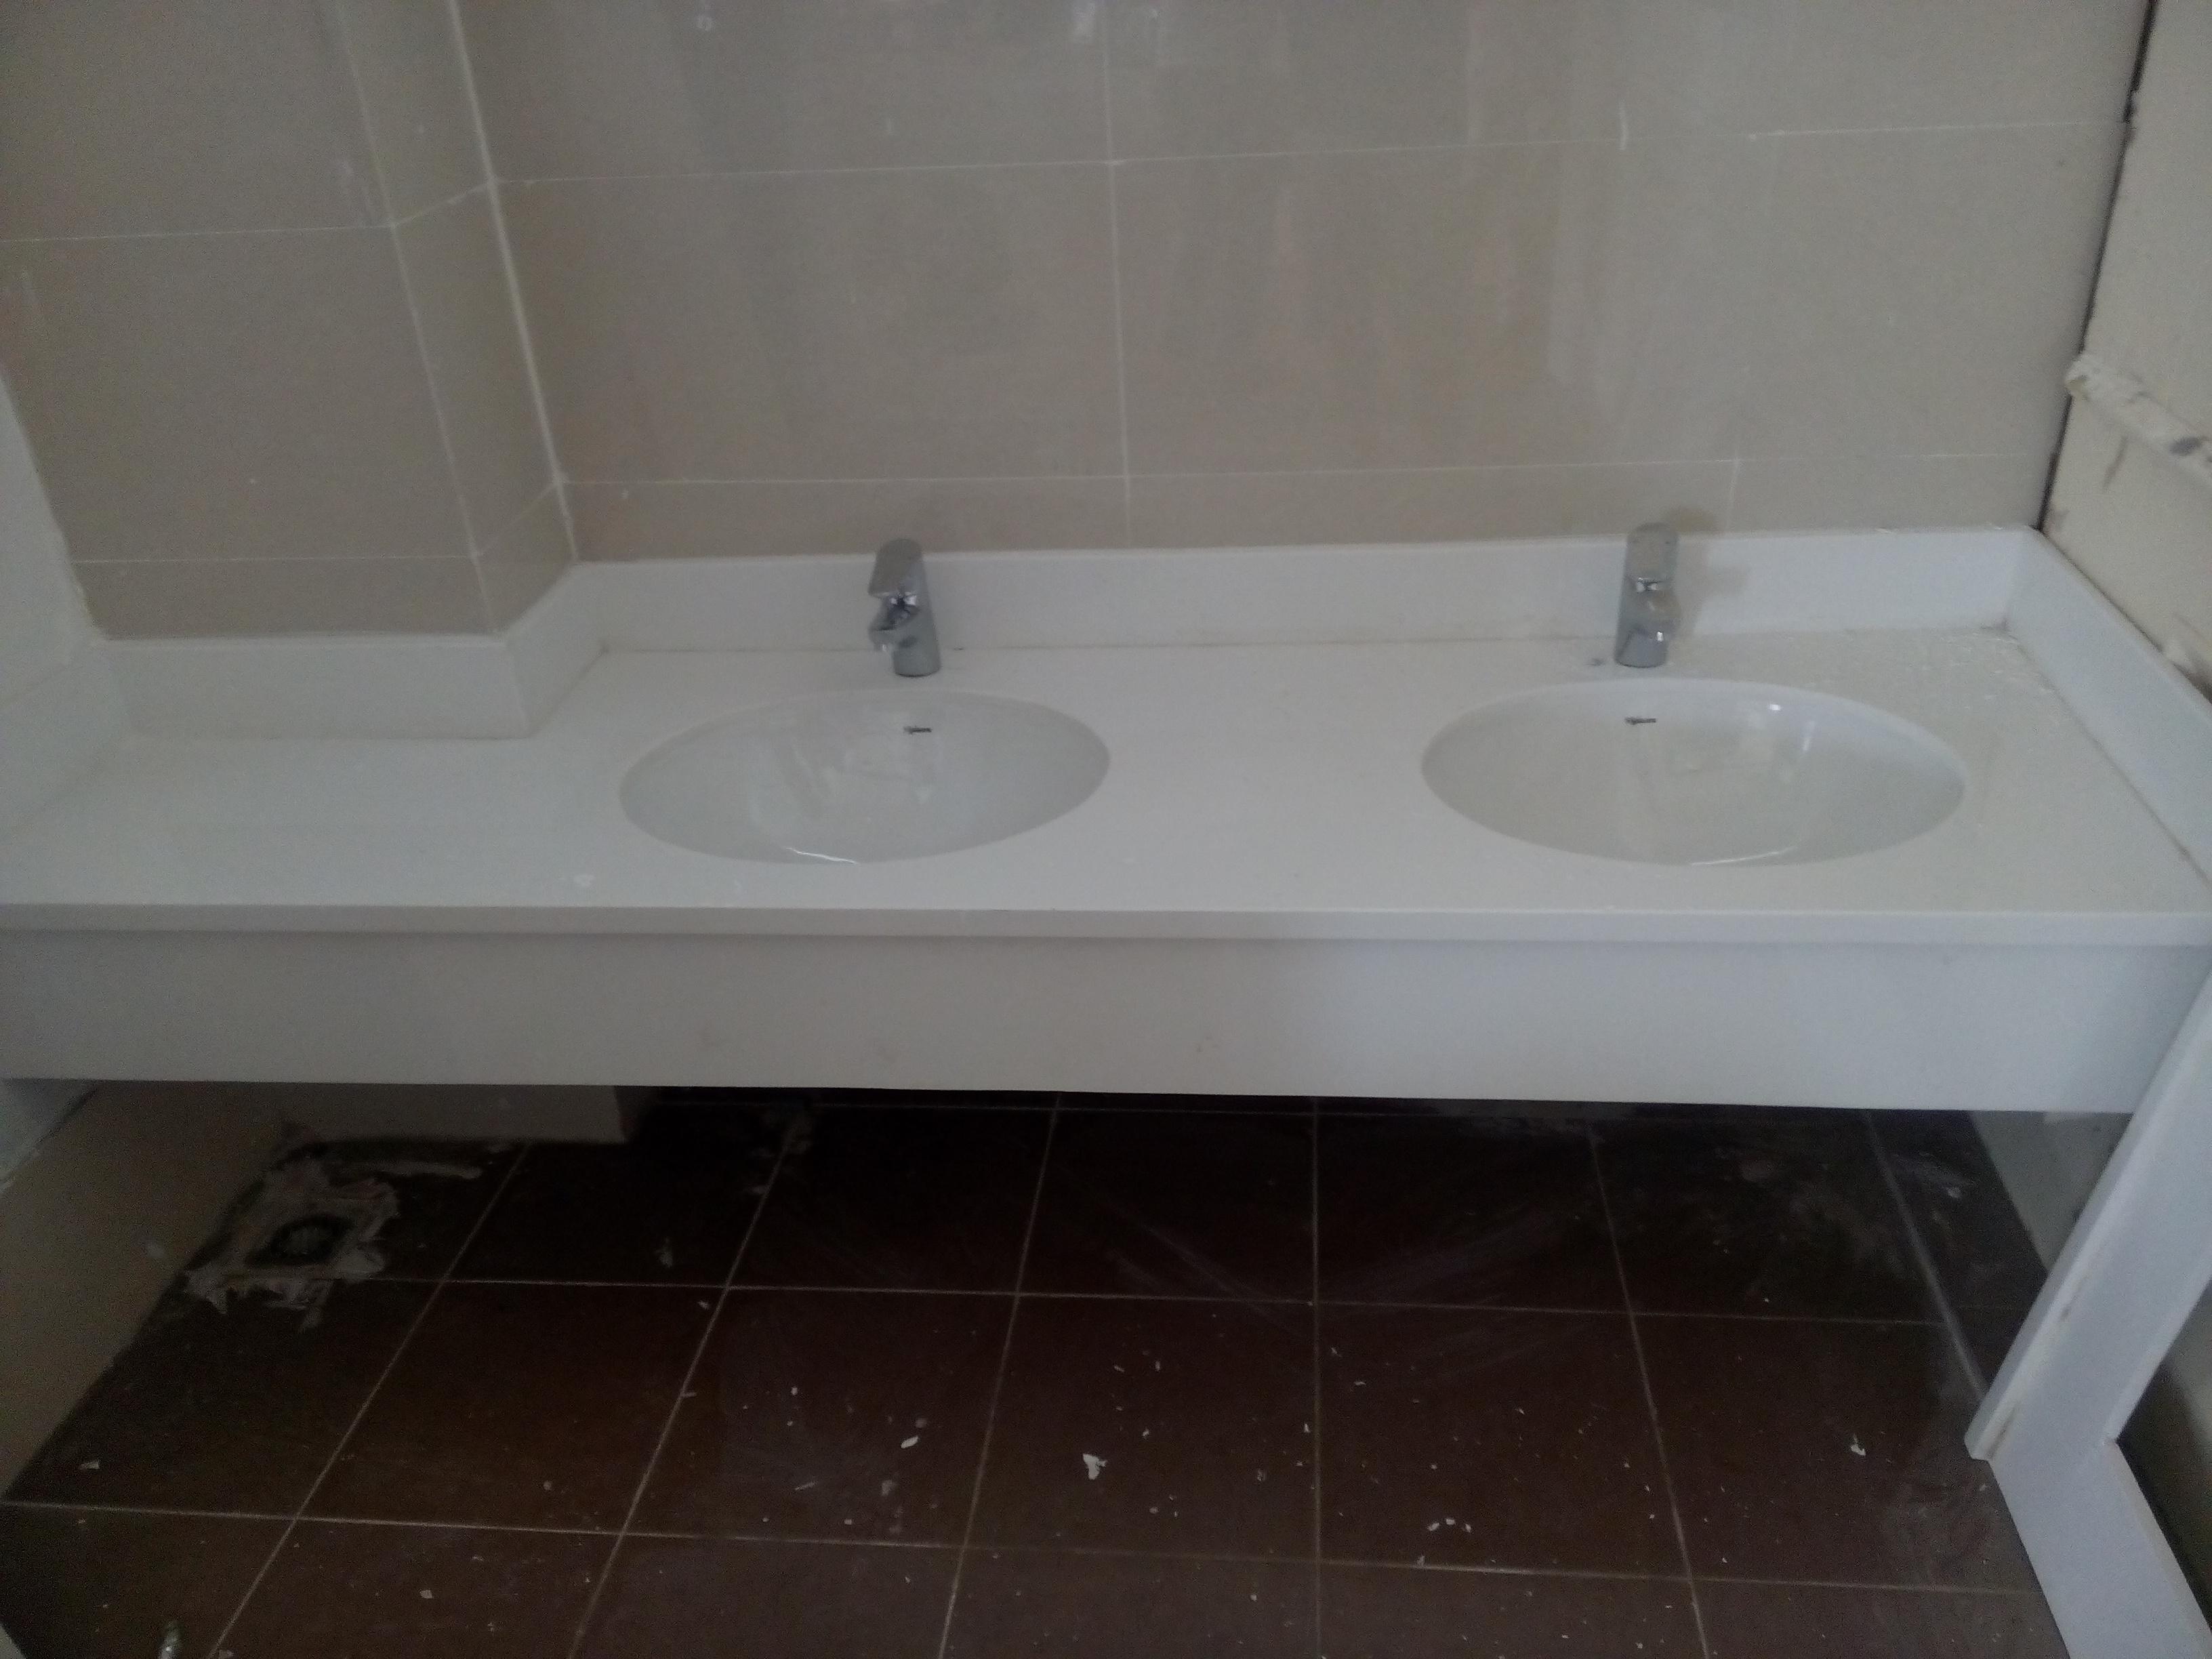 Sản phẩm đá ốp bếp trắng sứ dẻo dùng ốp bề mặt chậu rửa